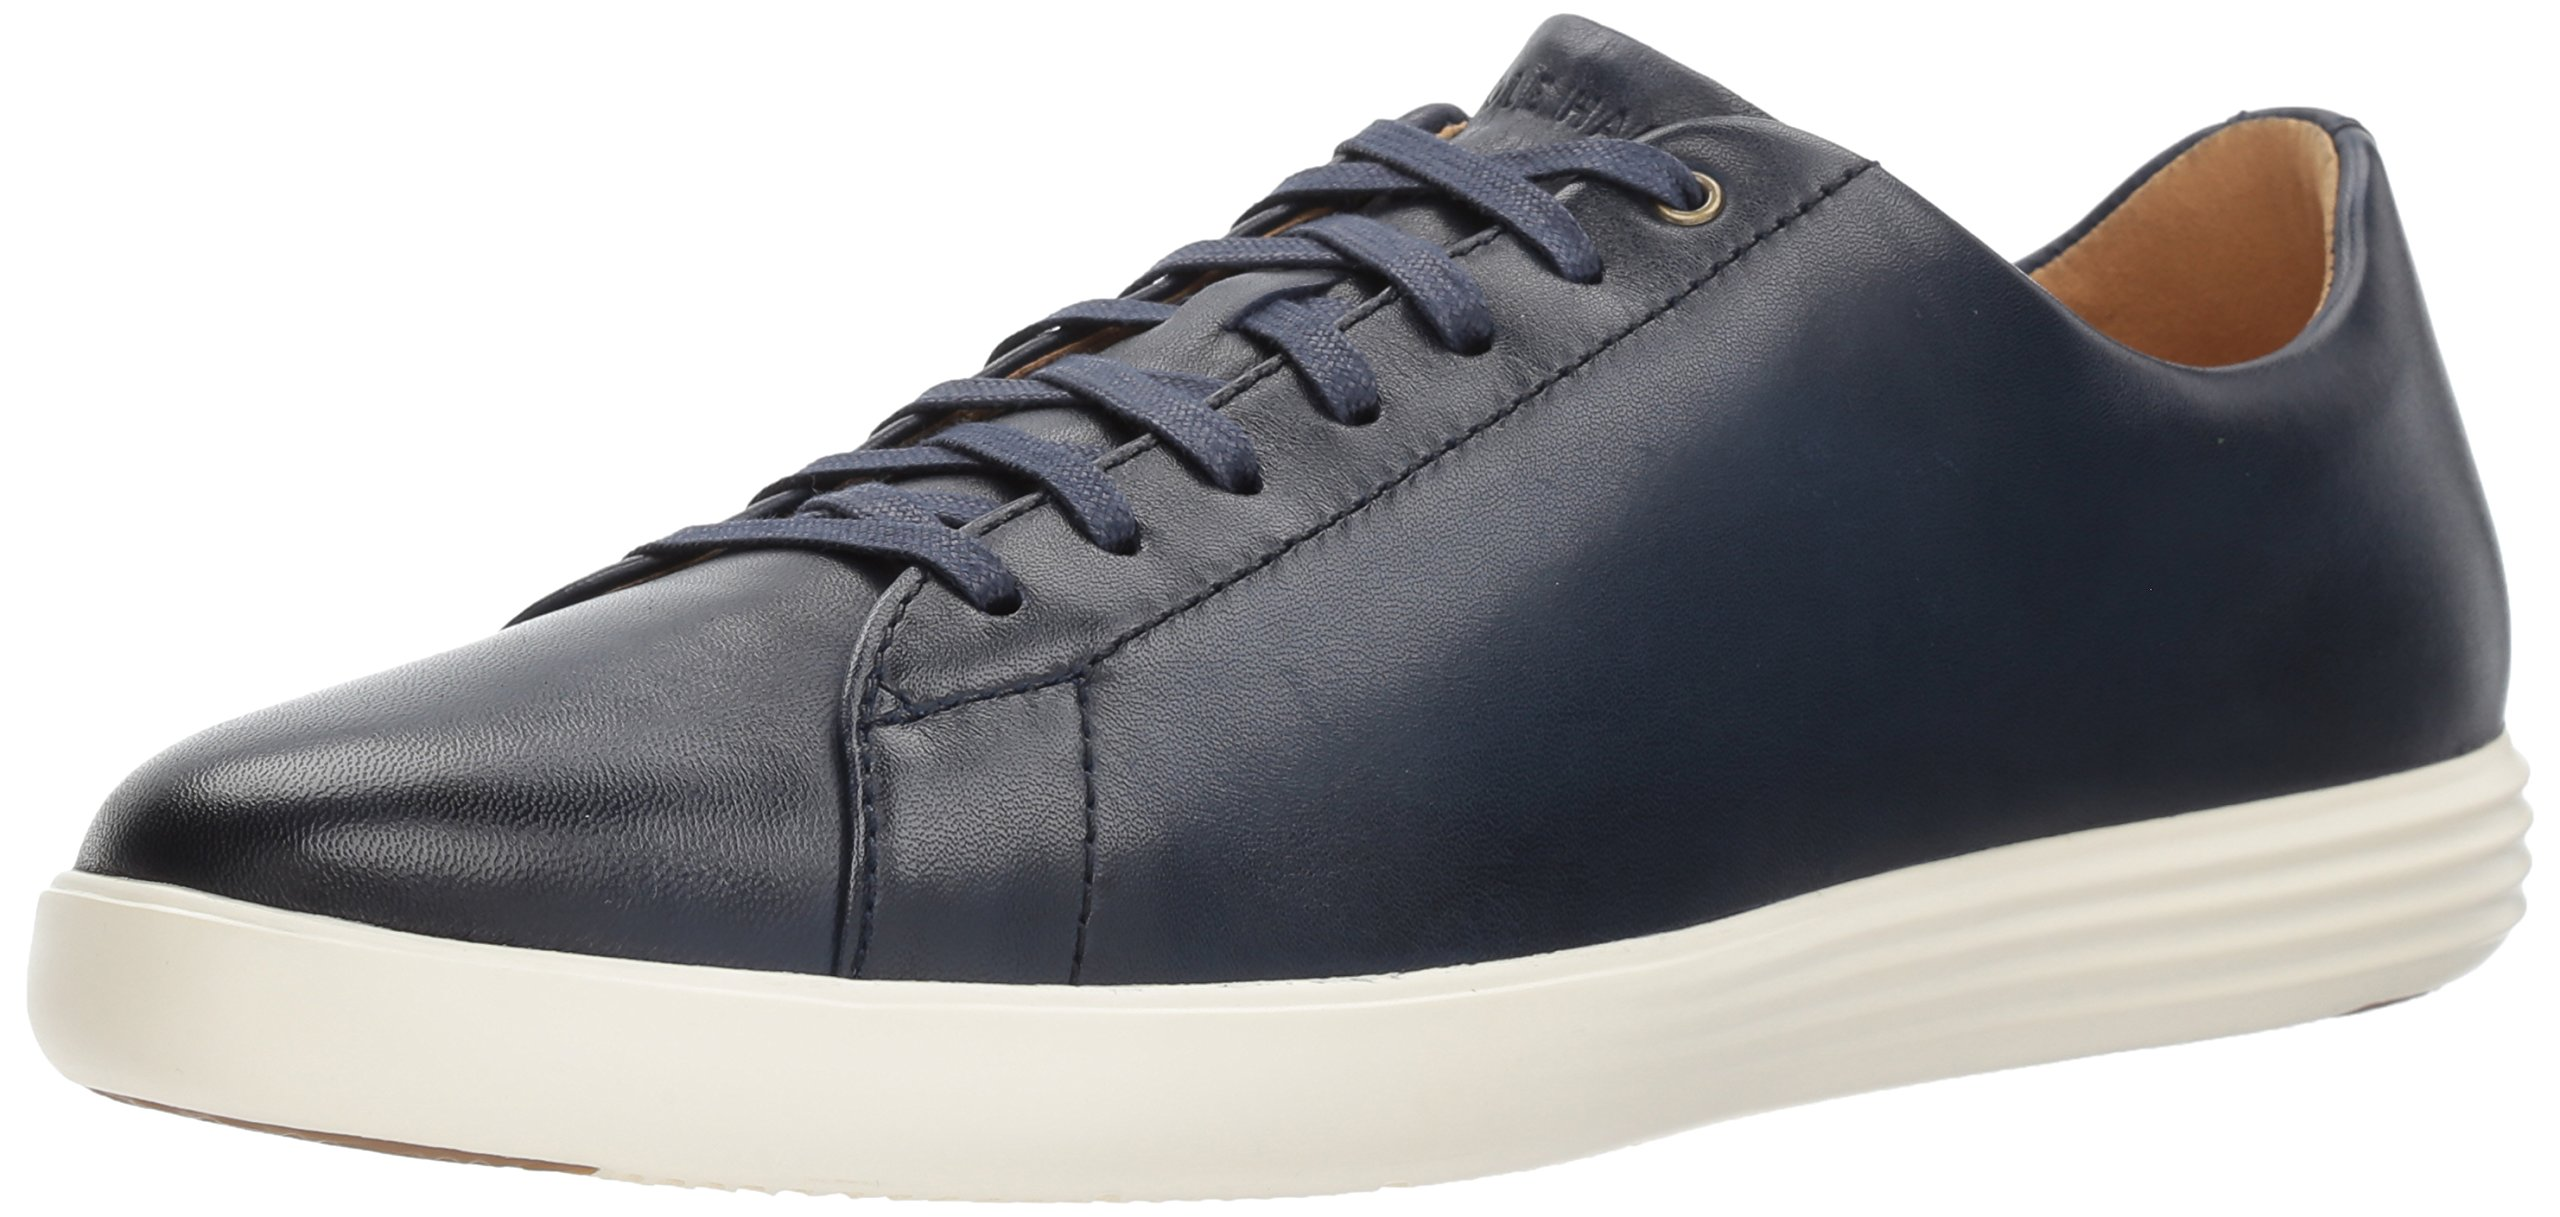 Cole Haan Men's Grand Crosscourt II Sneaker, navy leather burnished, 10 Medium US